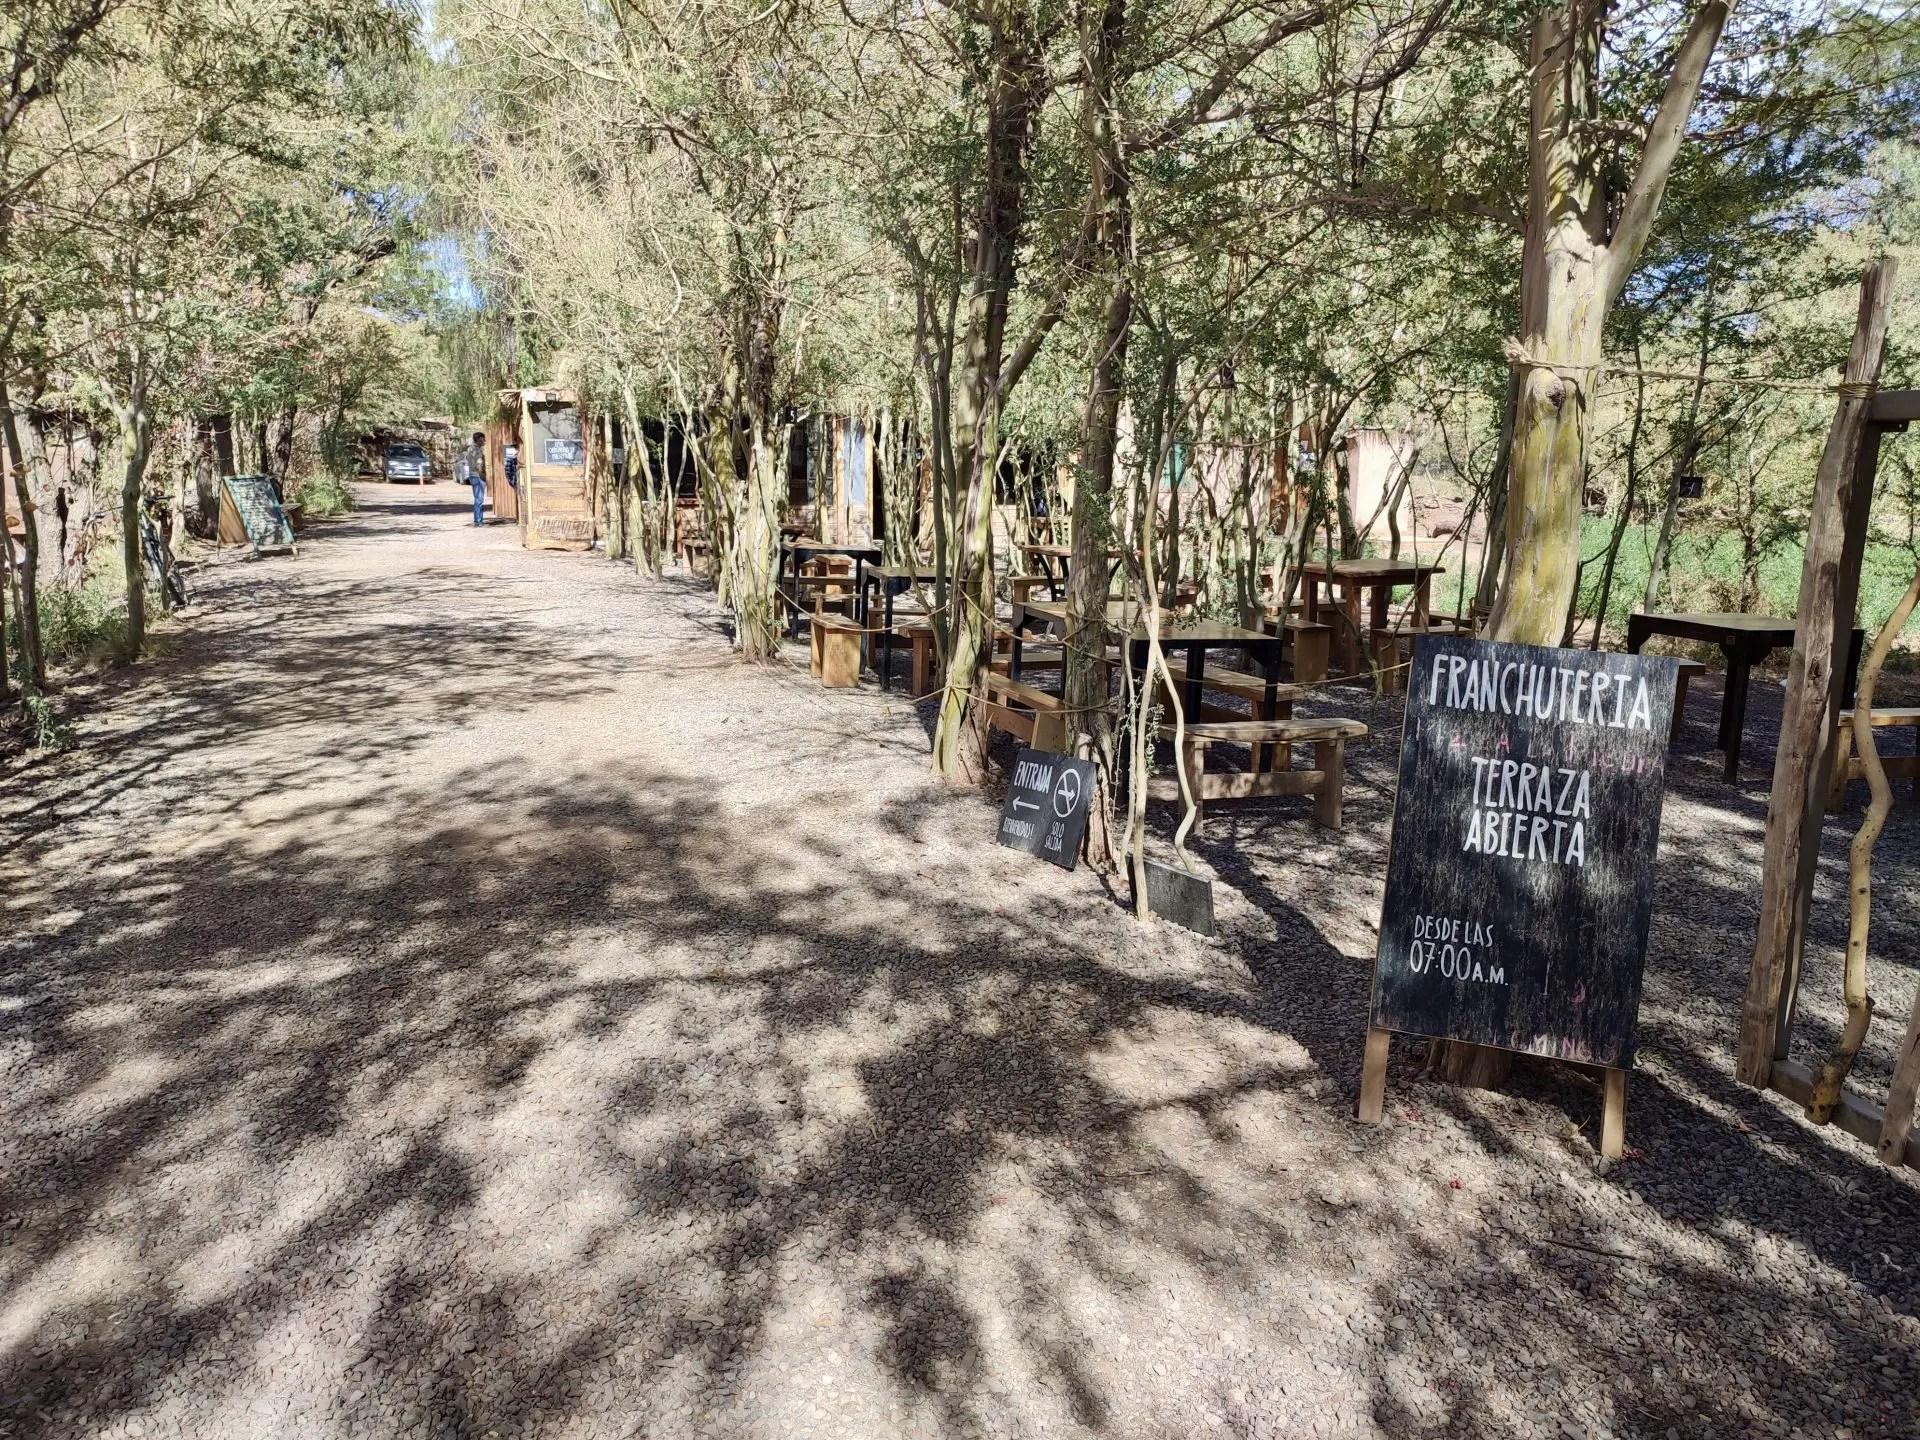 La Franchutería: lugar para desayunar en San Pedro de Atacama